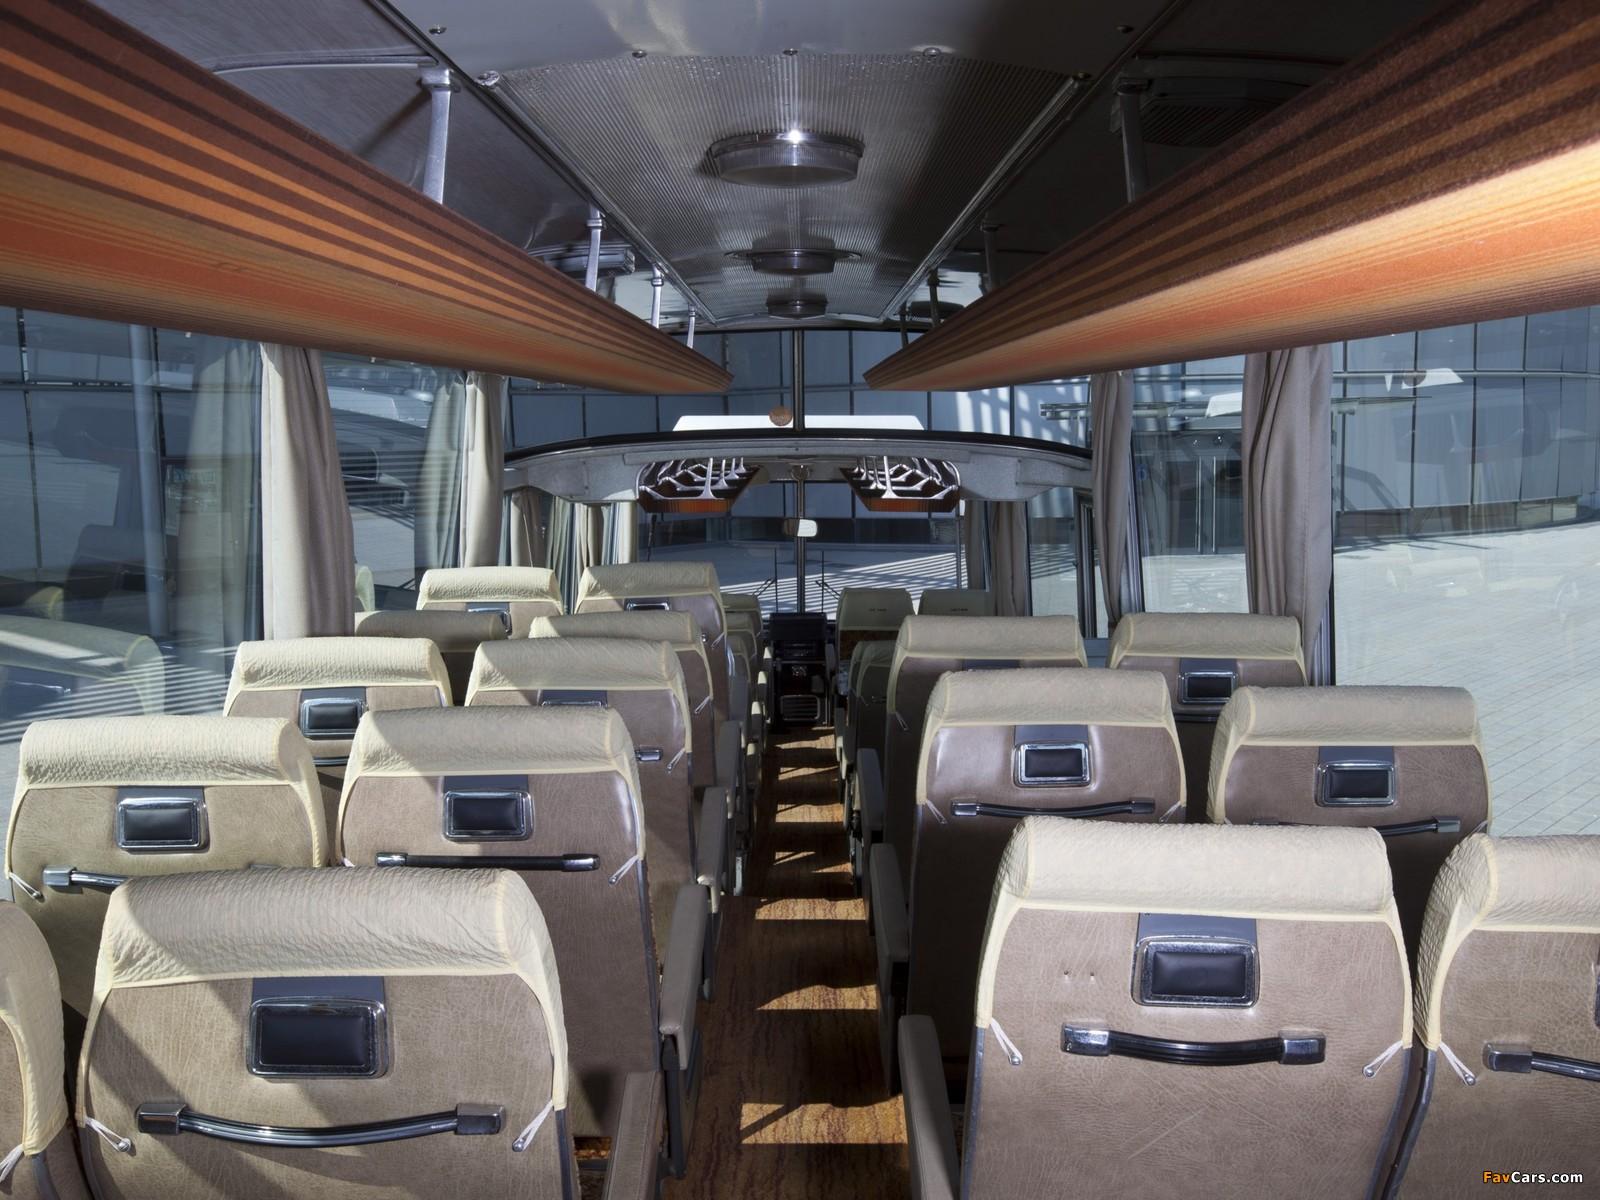 Setra S150 Panoramabus 1967– images (1600 x 1200)